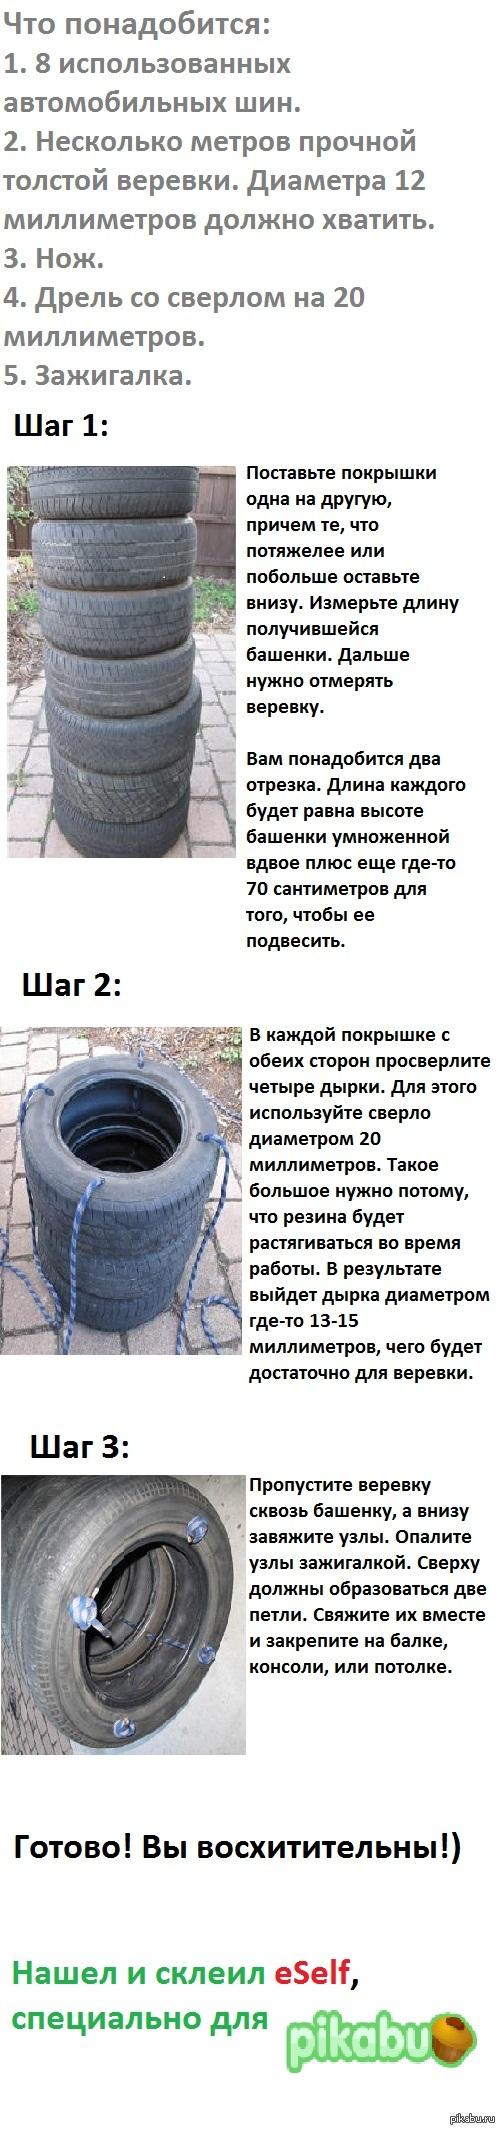 Как сделать боксерскую грушу из покрышек колес